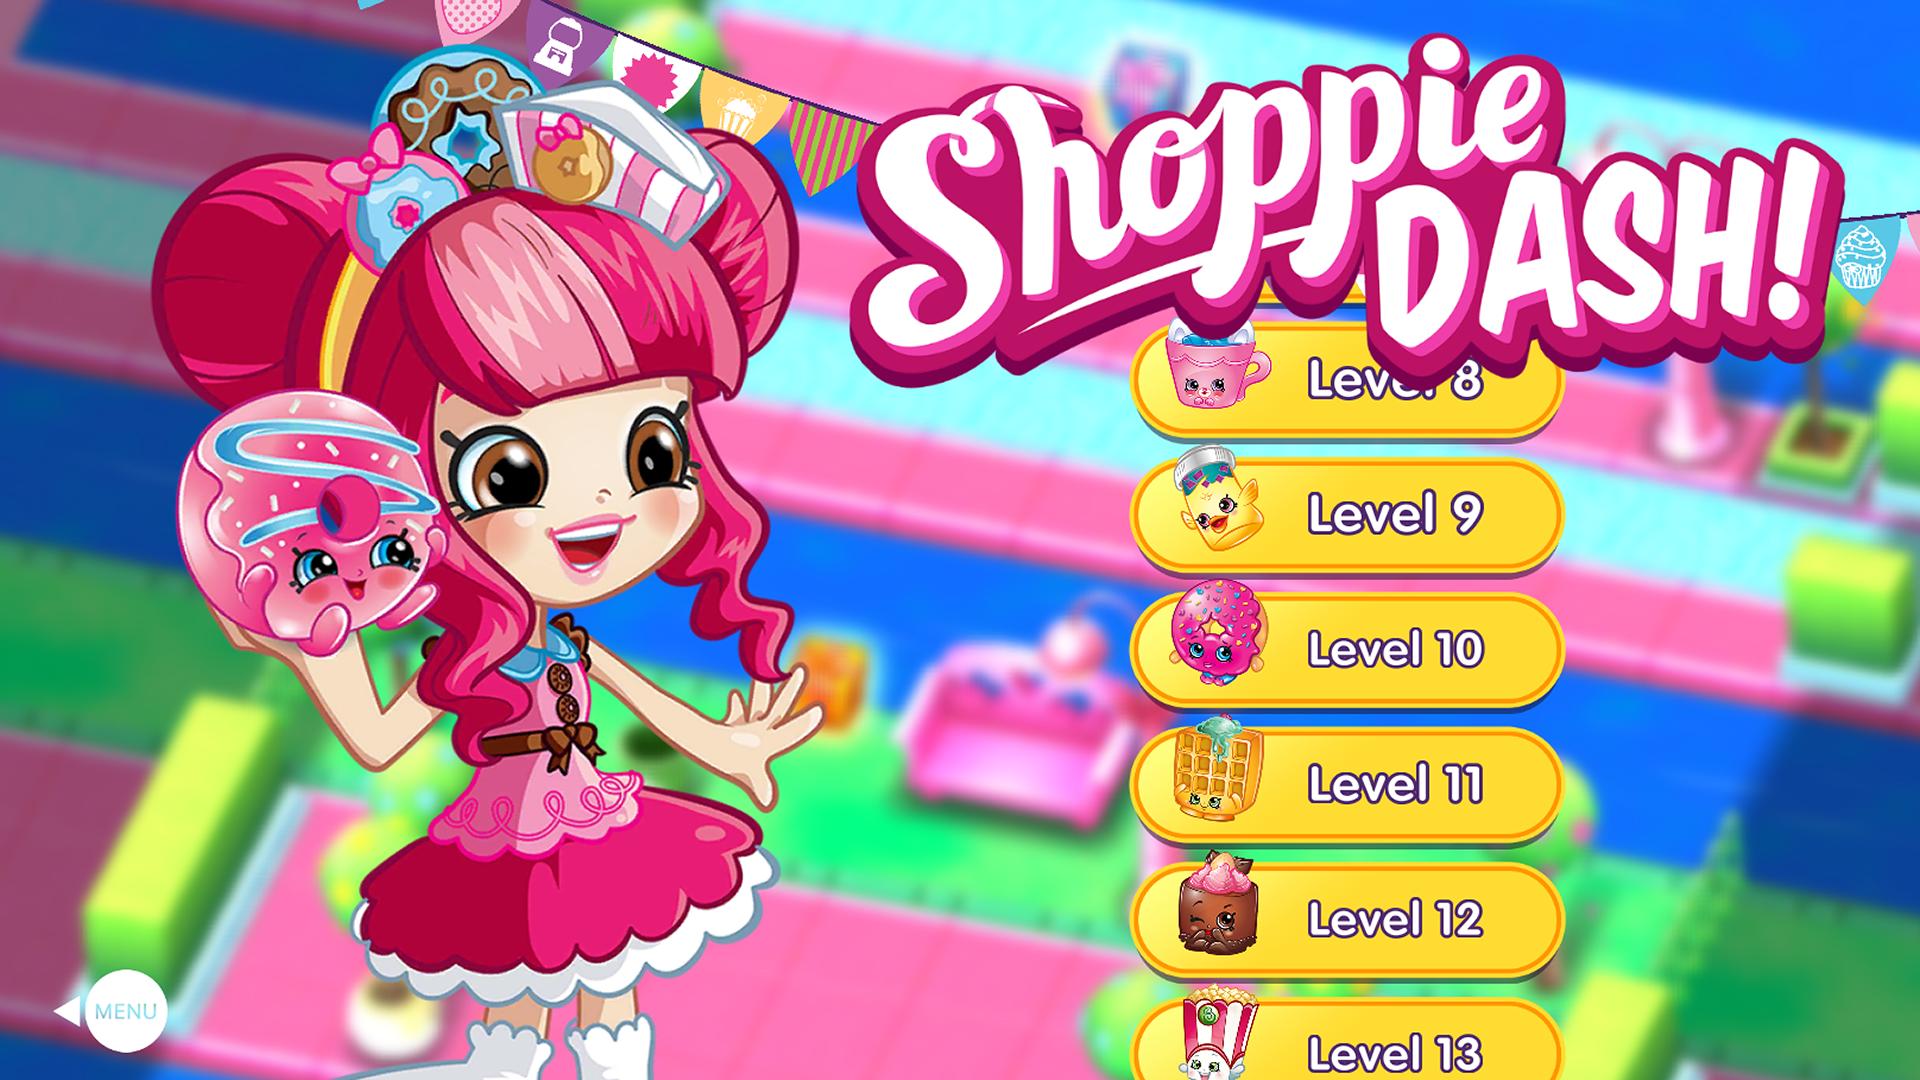 Shopkins: Shoppie Dash! screenshot 15